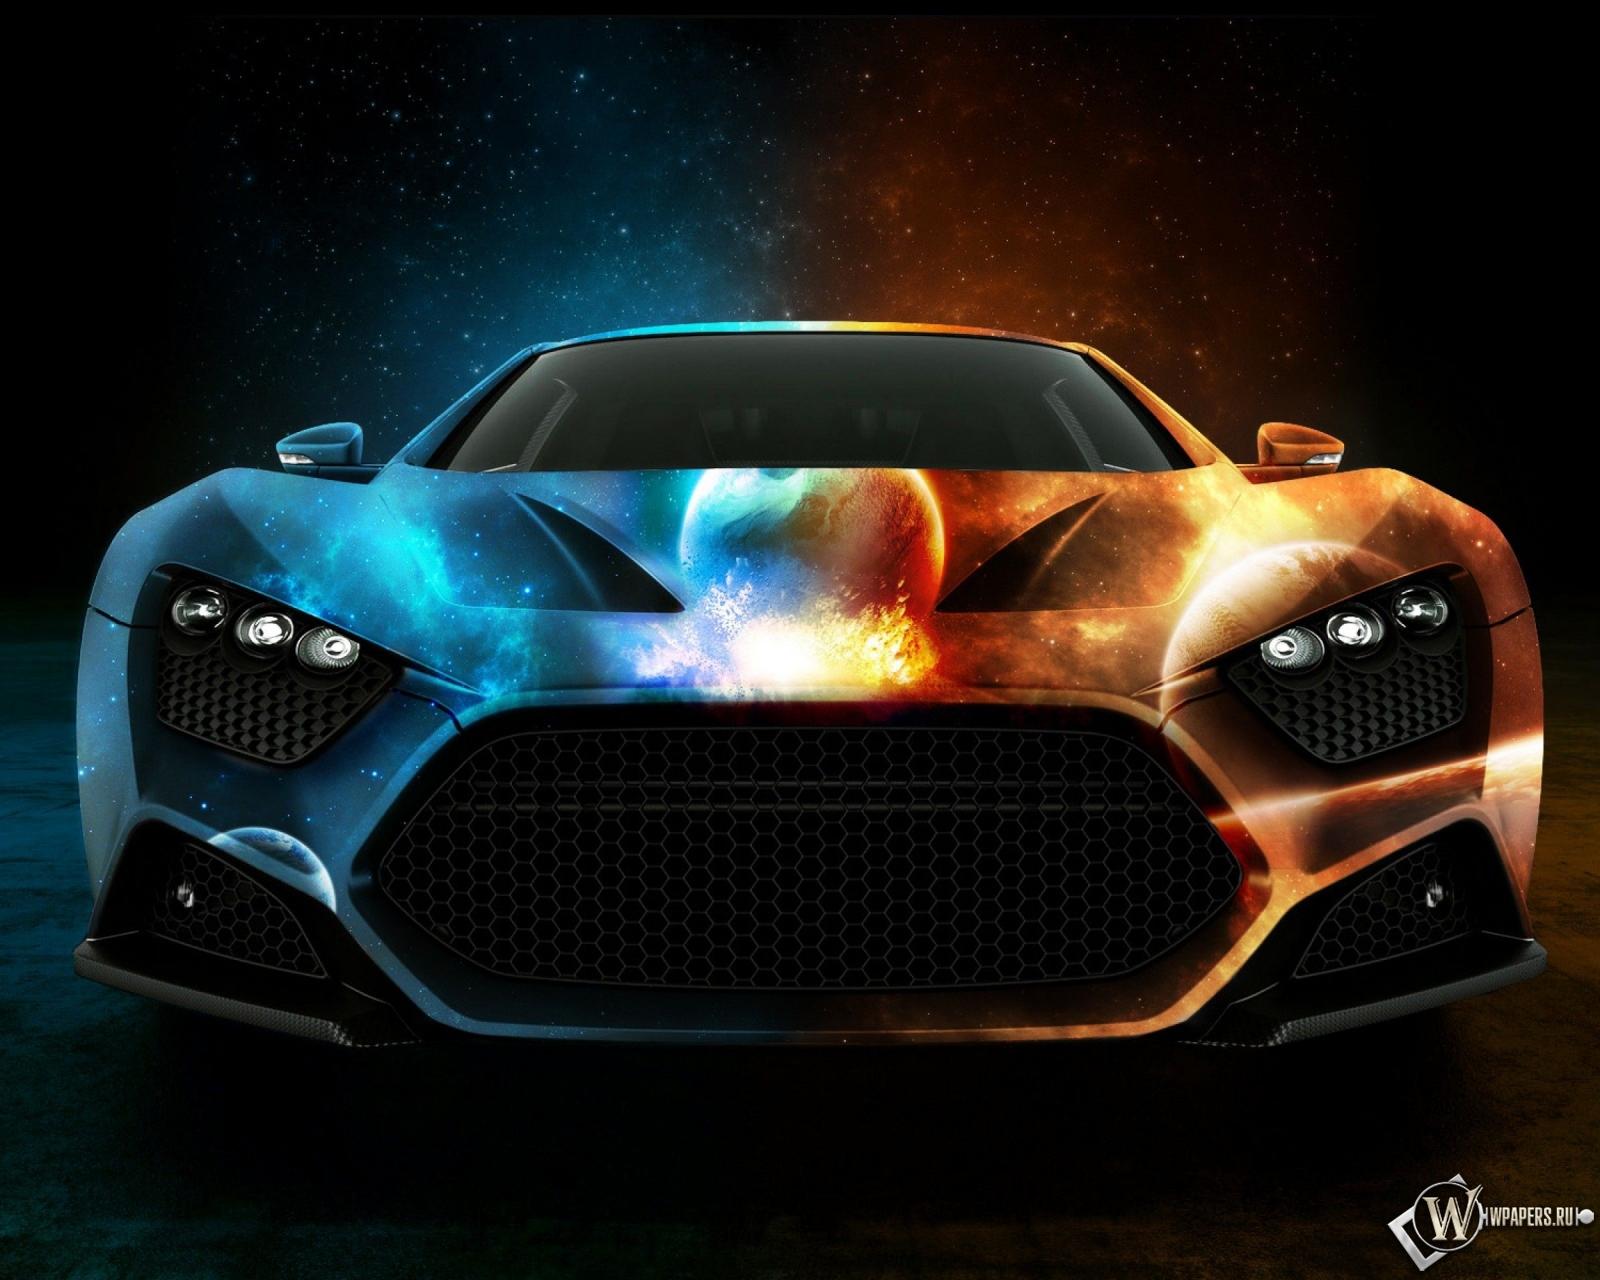 Машина двух миров 1600x1280